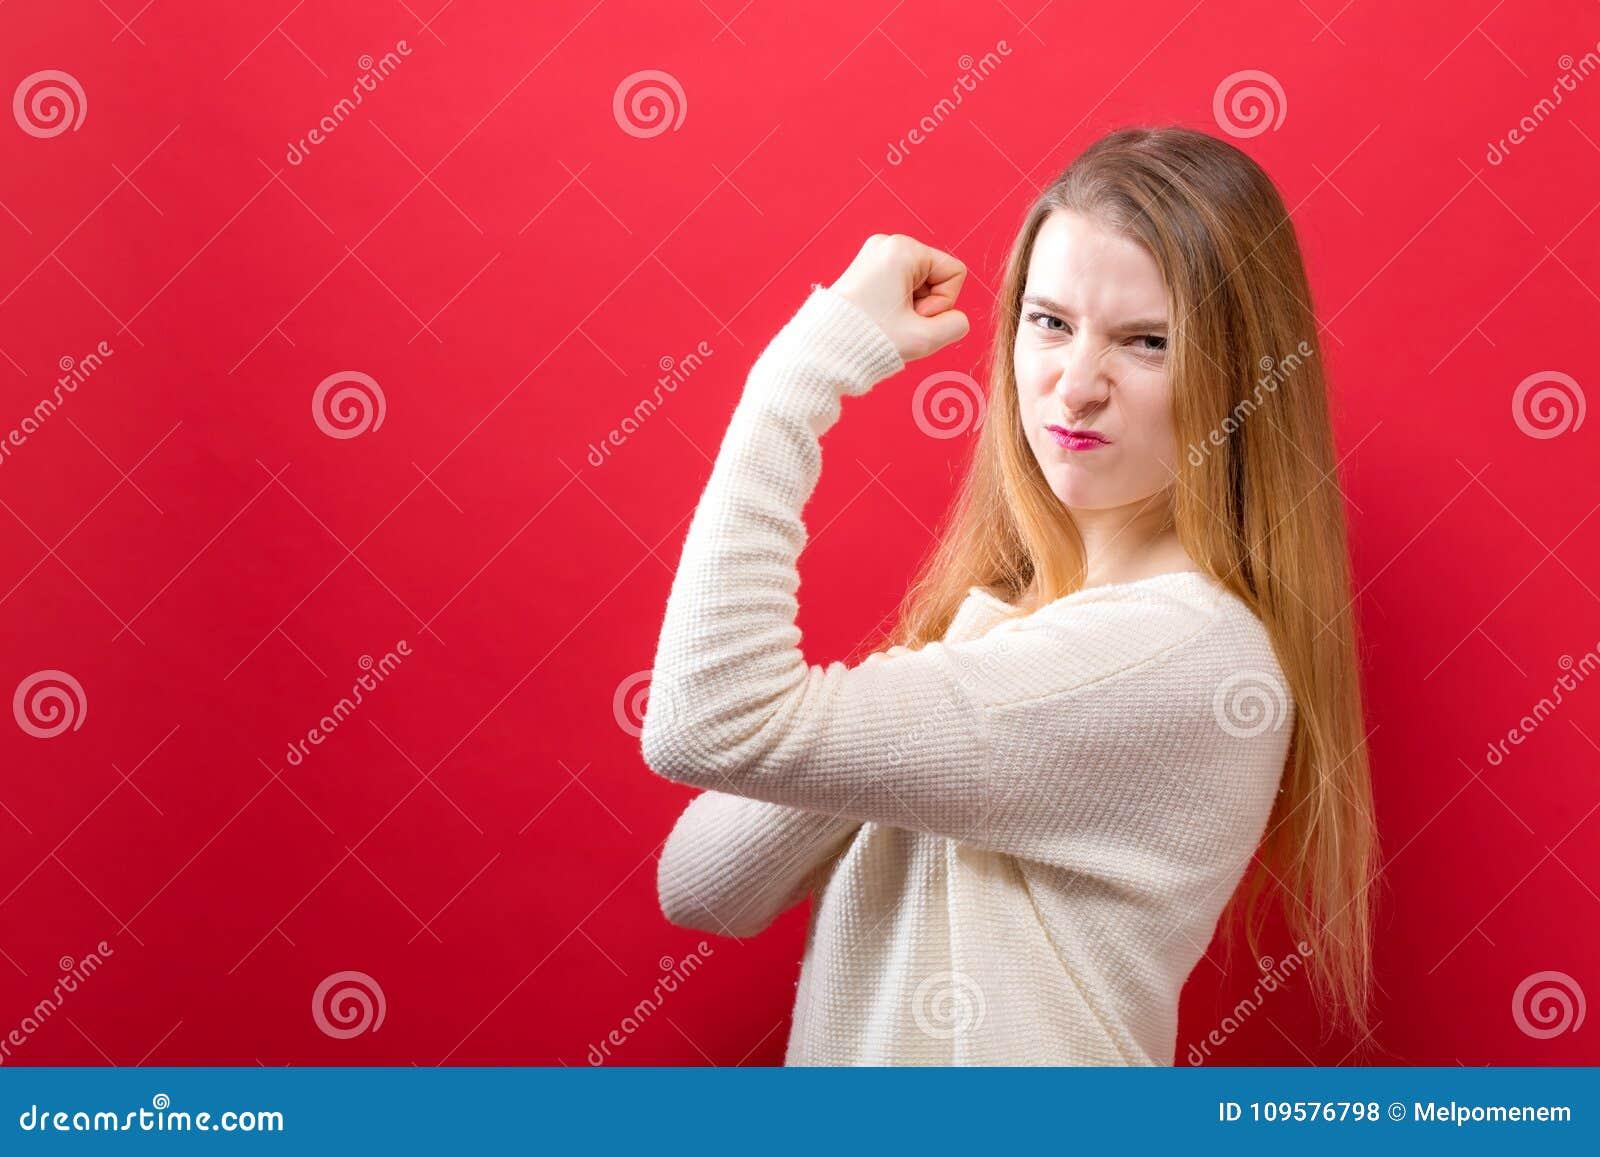 Starke junge Frau in einer Erfolgshaltung